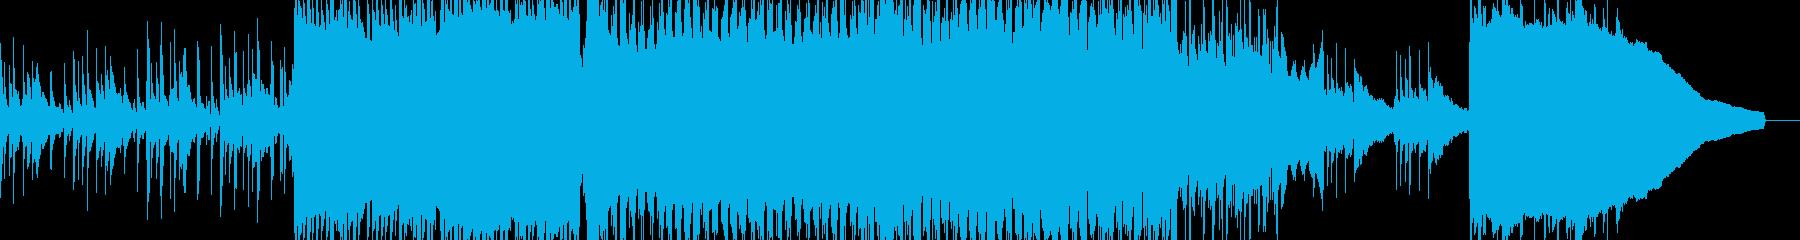 爽やかなベルのアコスティック曲ショート版の再生済みの波形